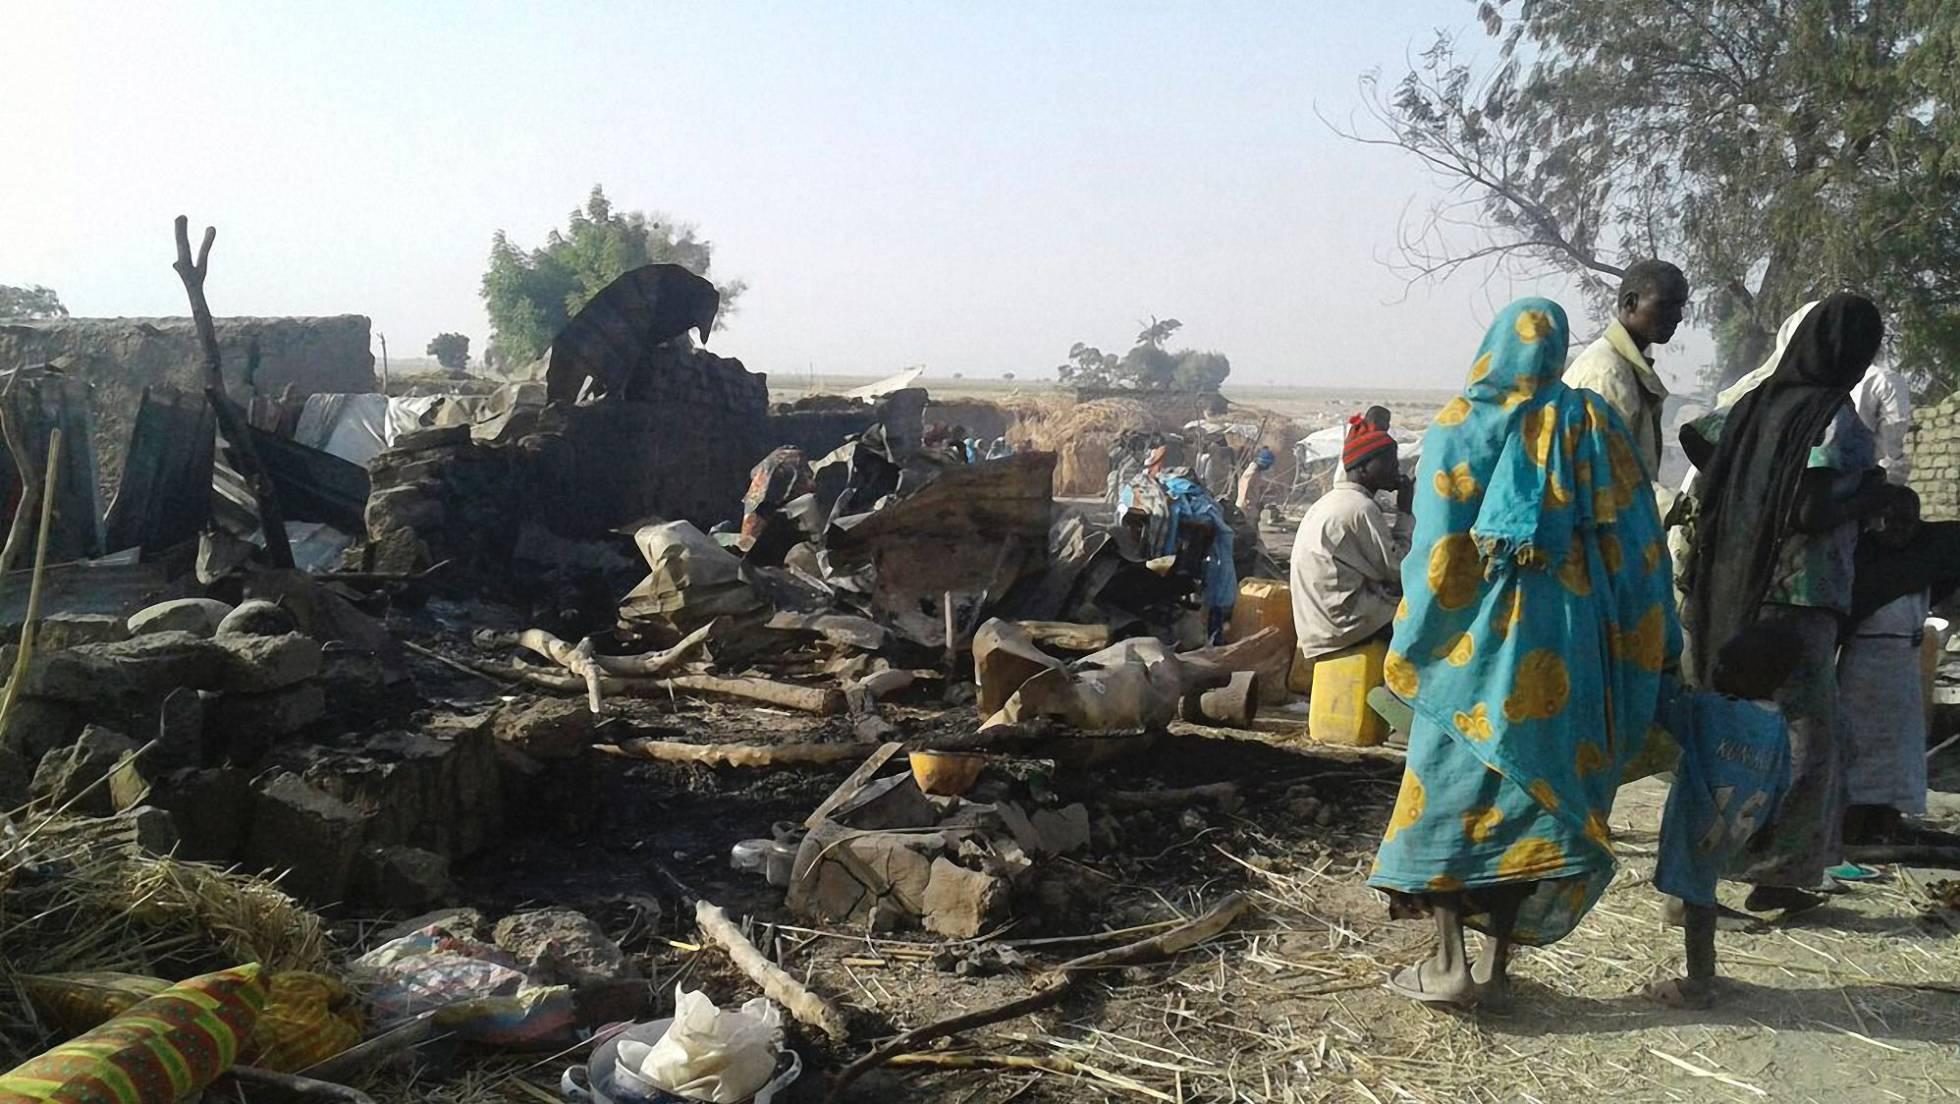 Desplazados del campo de Rann (Nigeria), junto a tiendas destruidas por el ataque del Ejército, este martes. MSF AFP